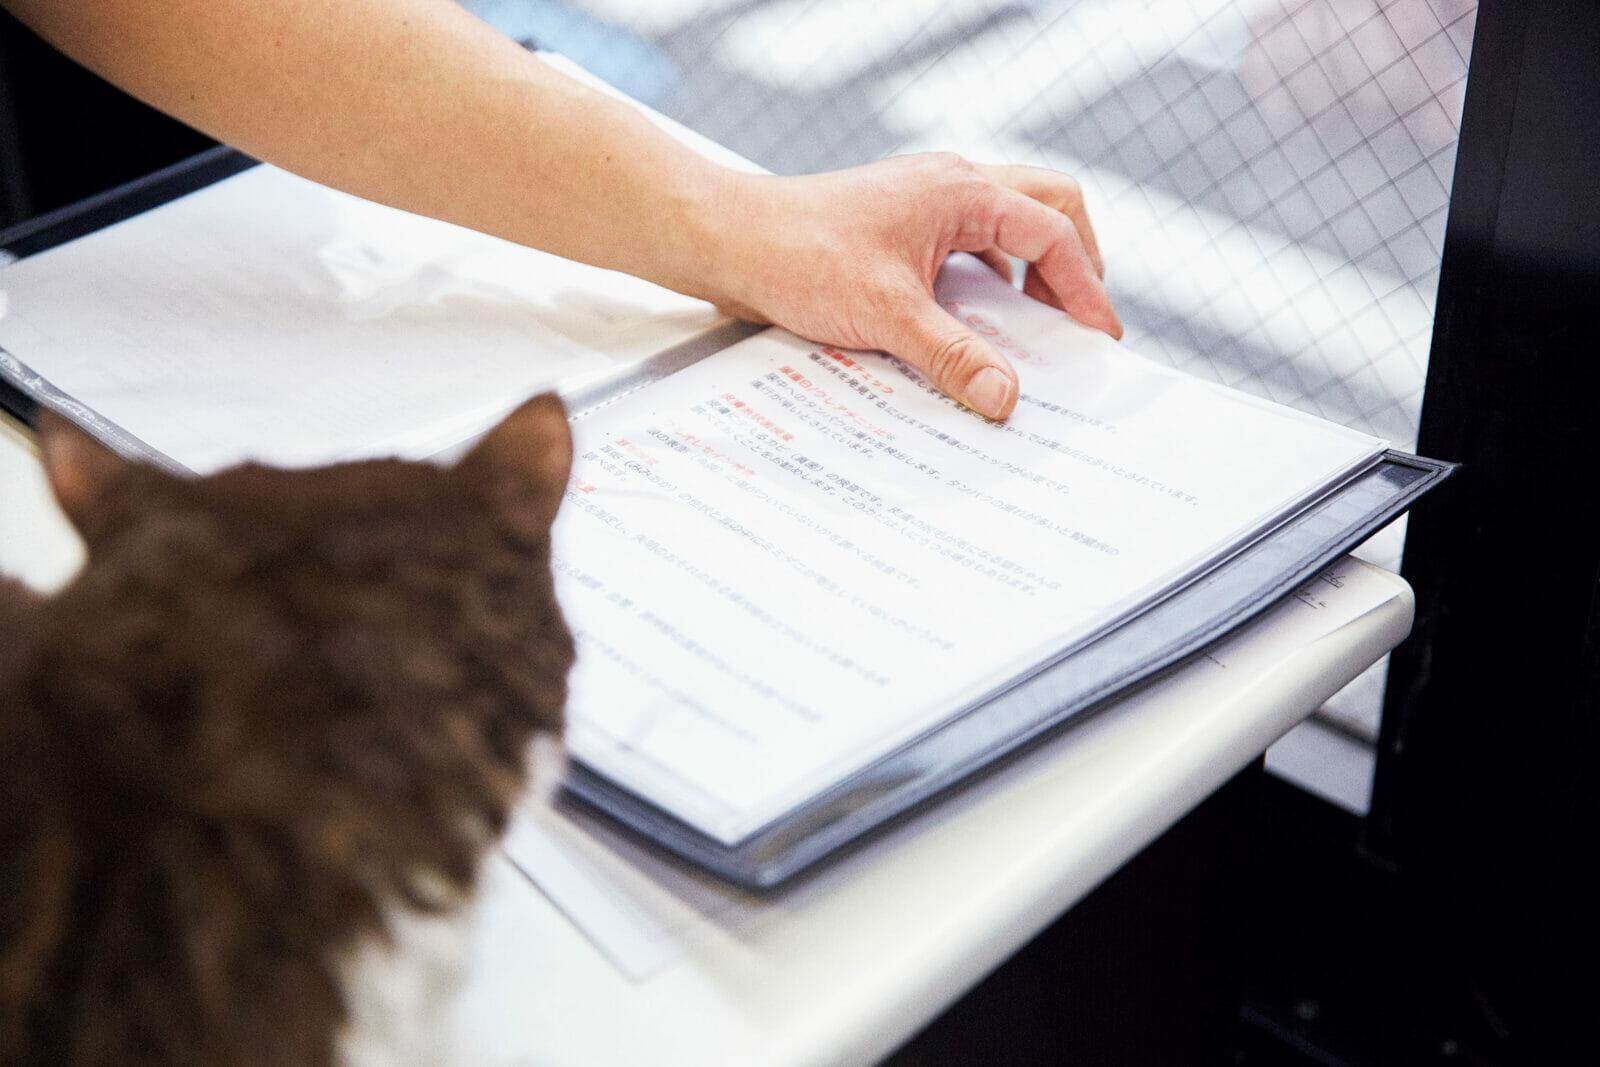 問診して検査項目を決定だんごさんに聴診器を当てた服部先生。「心臓も肺も音は問題なし。口の中も大丈夫。今日はどんな検査をしたいですか?」「初の猫ドックなのでお任せします」と田部井さん。